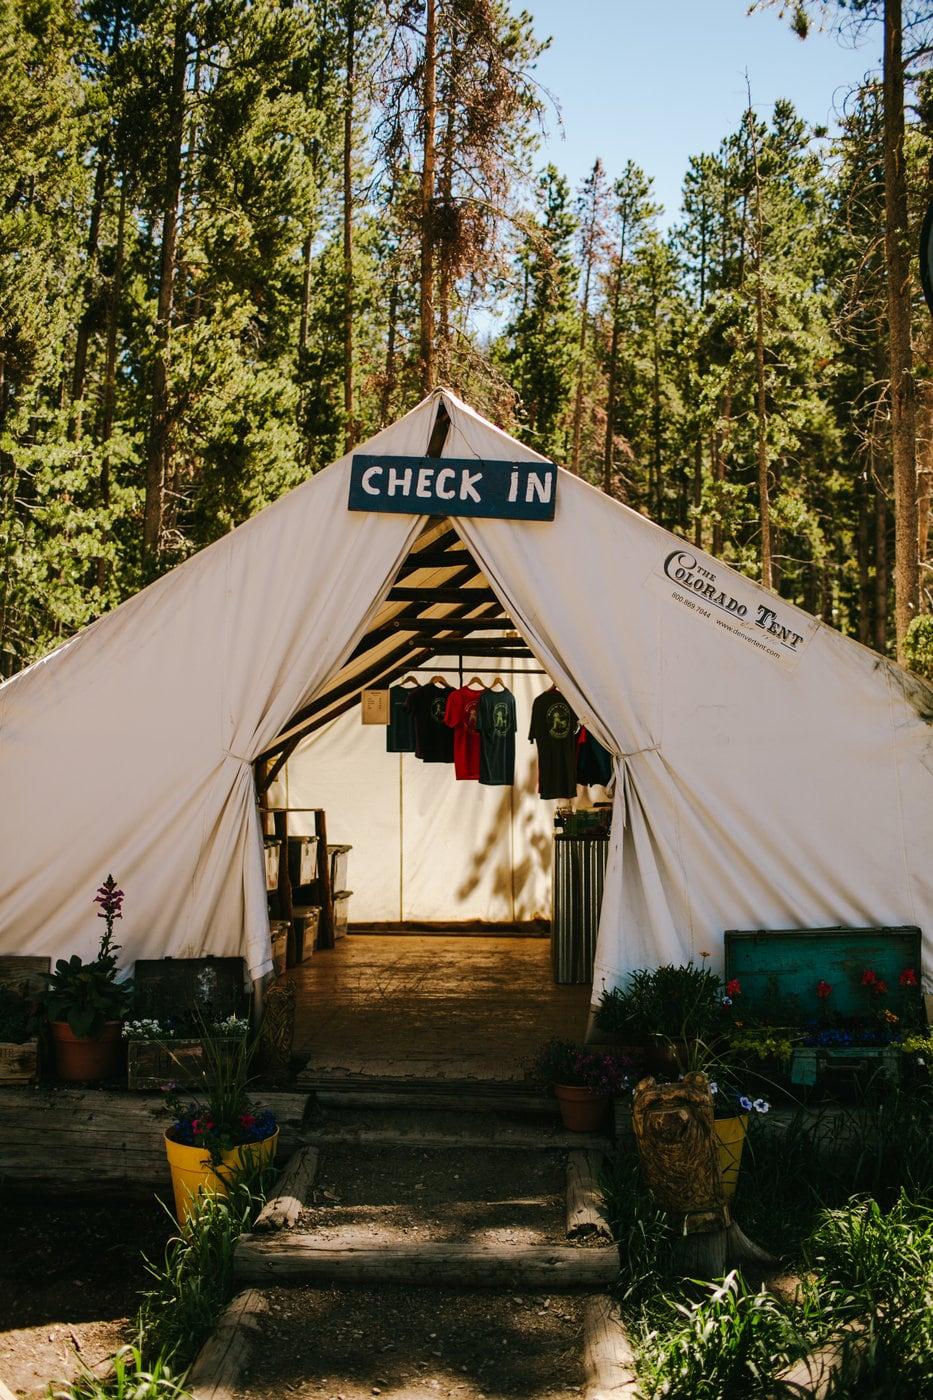 Book Camp Breck-bcb-0160-min.jpg